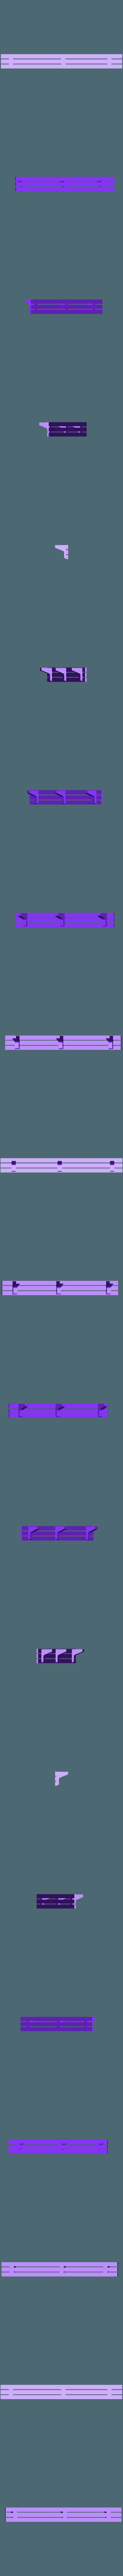 Banc pour abris de quai.STL Download free STL file Shelter for dock • 3D print object, dede34500